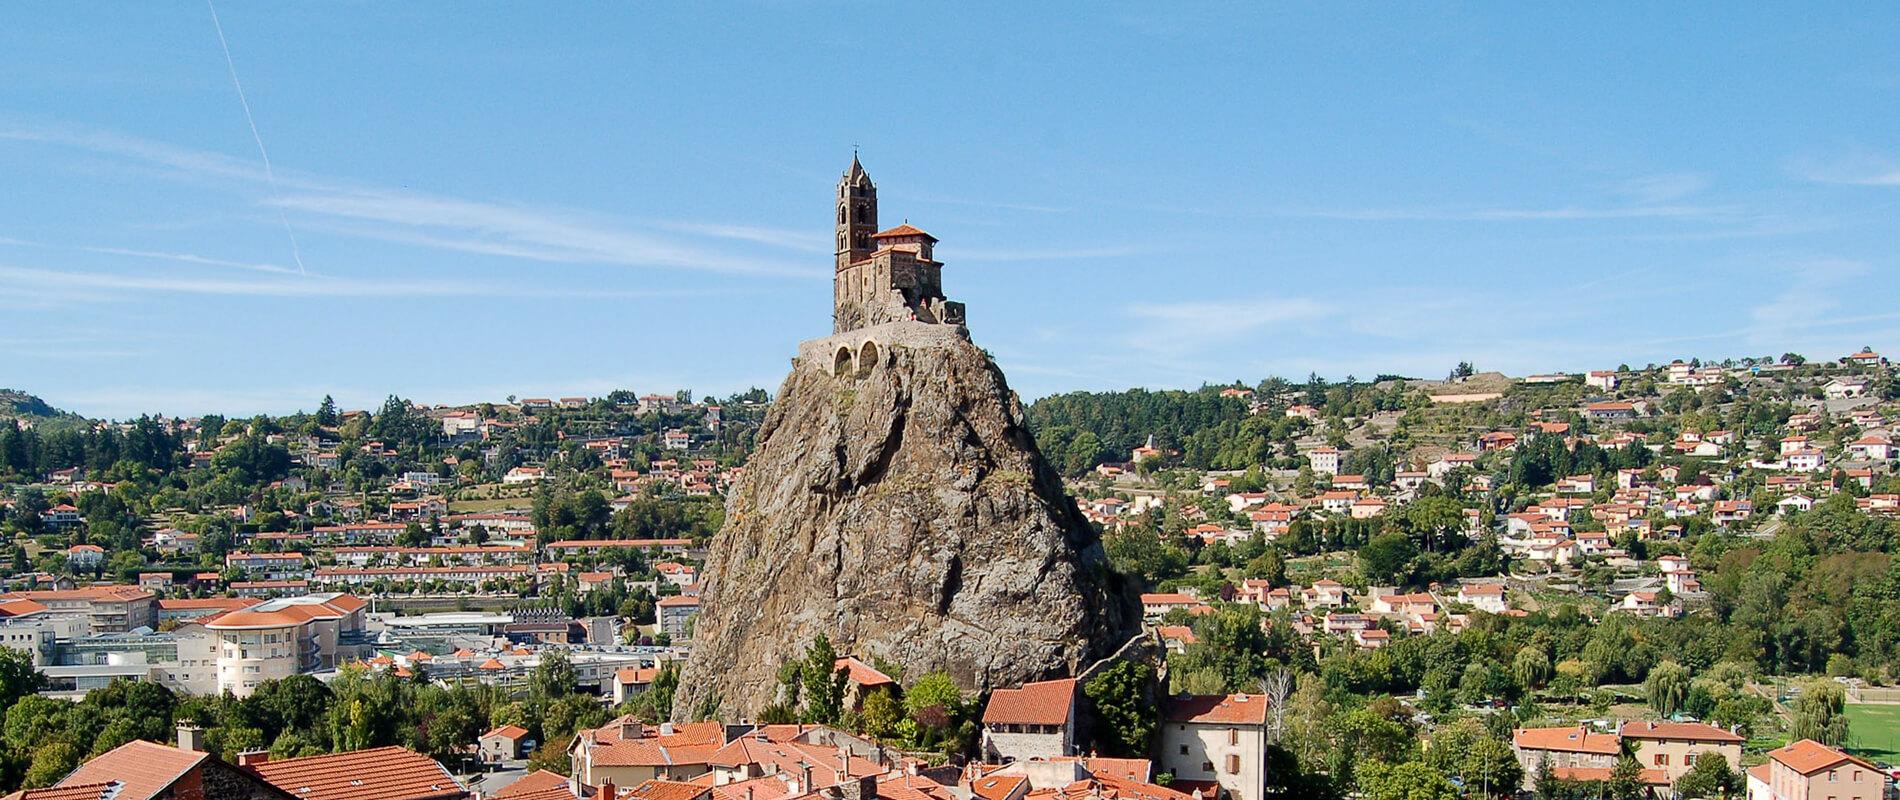 Saint Michel d'Aiguilhe, the chapel on top of a volcanic rock